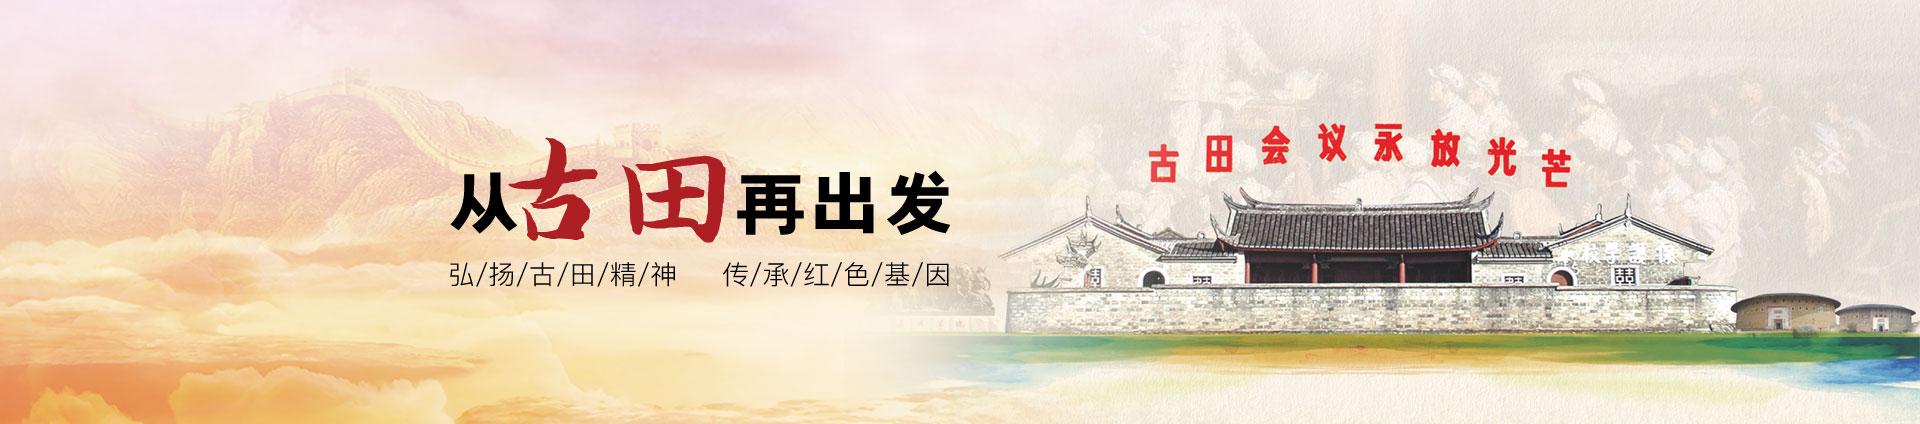 福建省古田红色教育服务中心党性教育培训